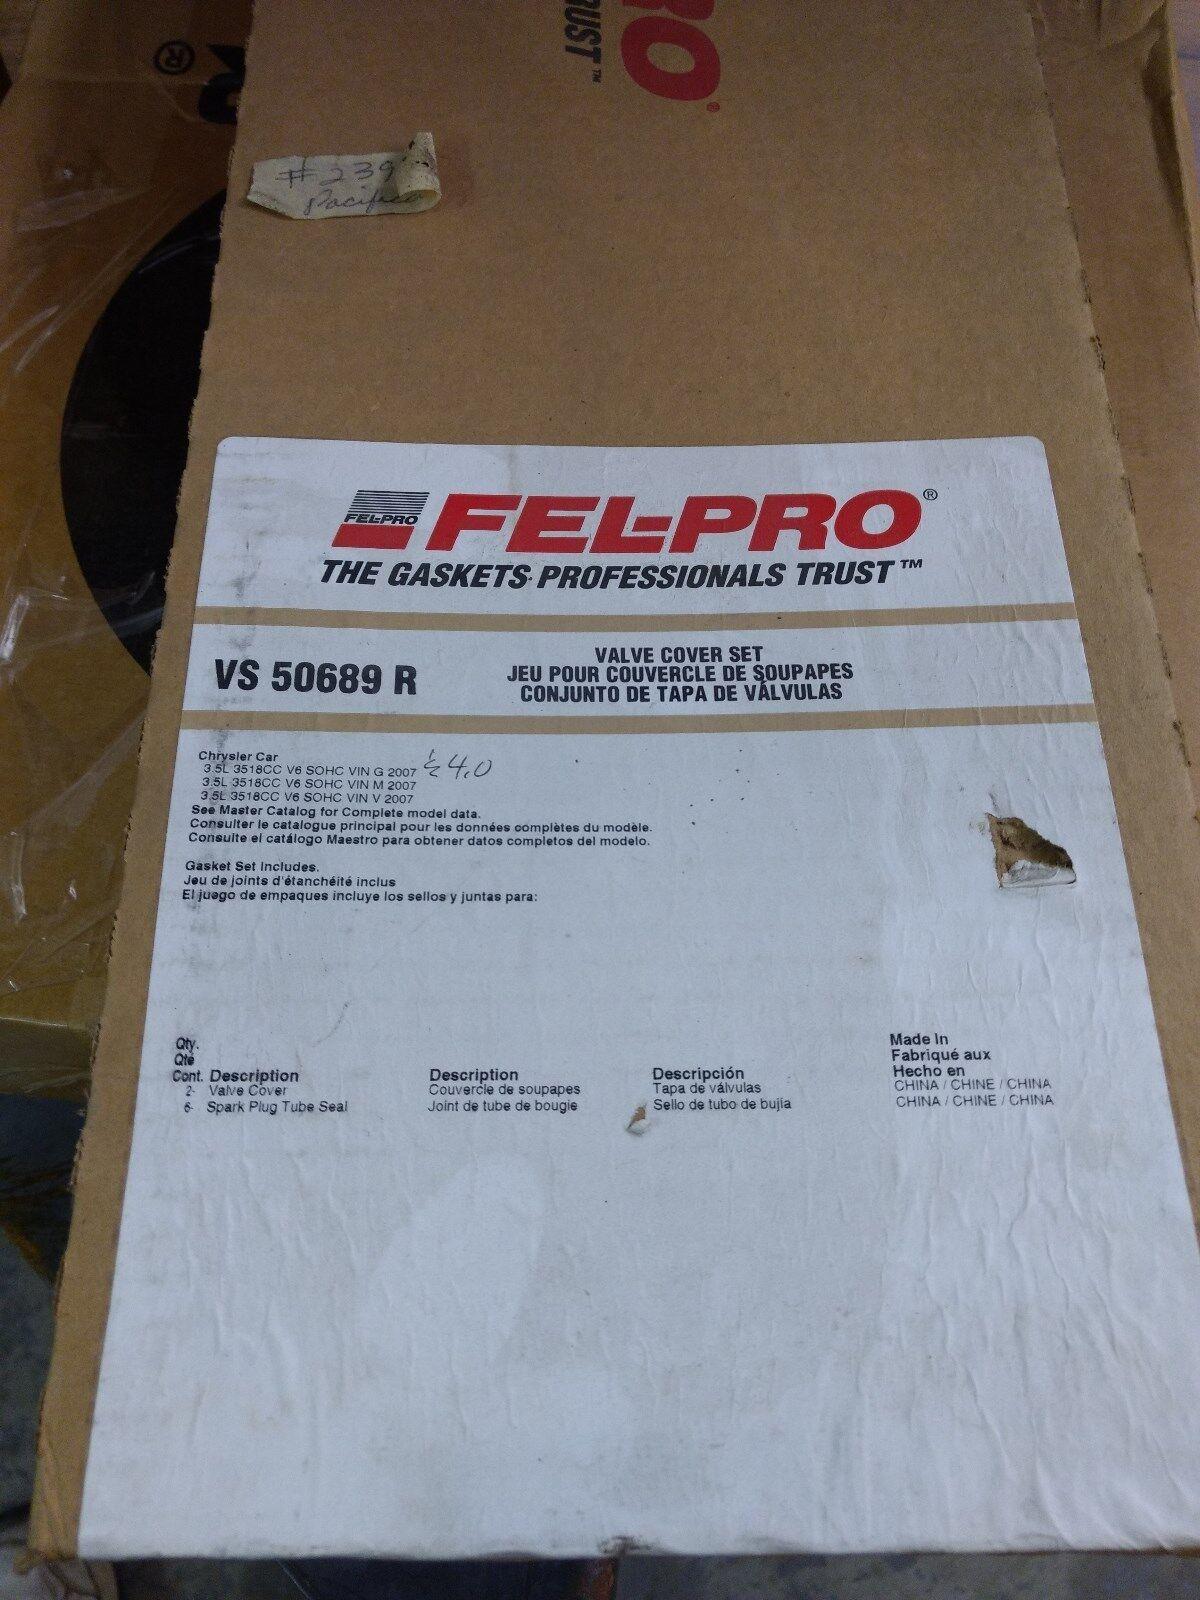 Engine Valve Cover Gasket Set Fel-Pro VS 50689 R